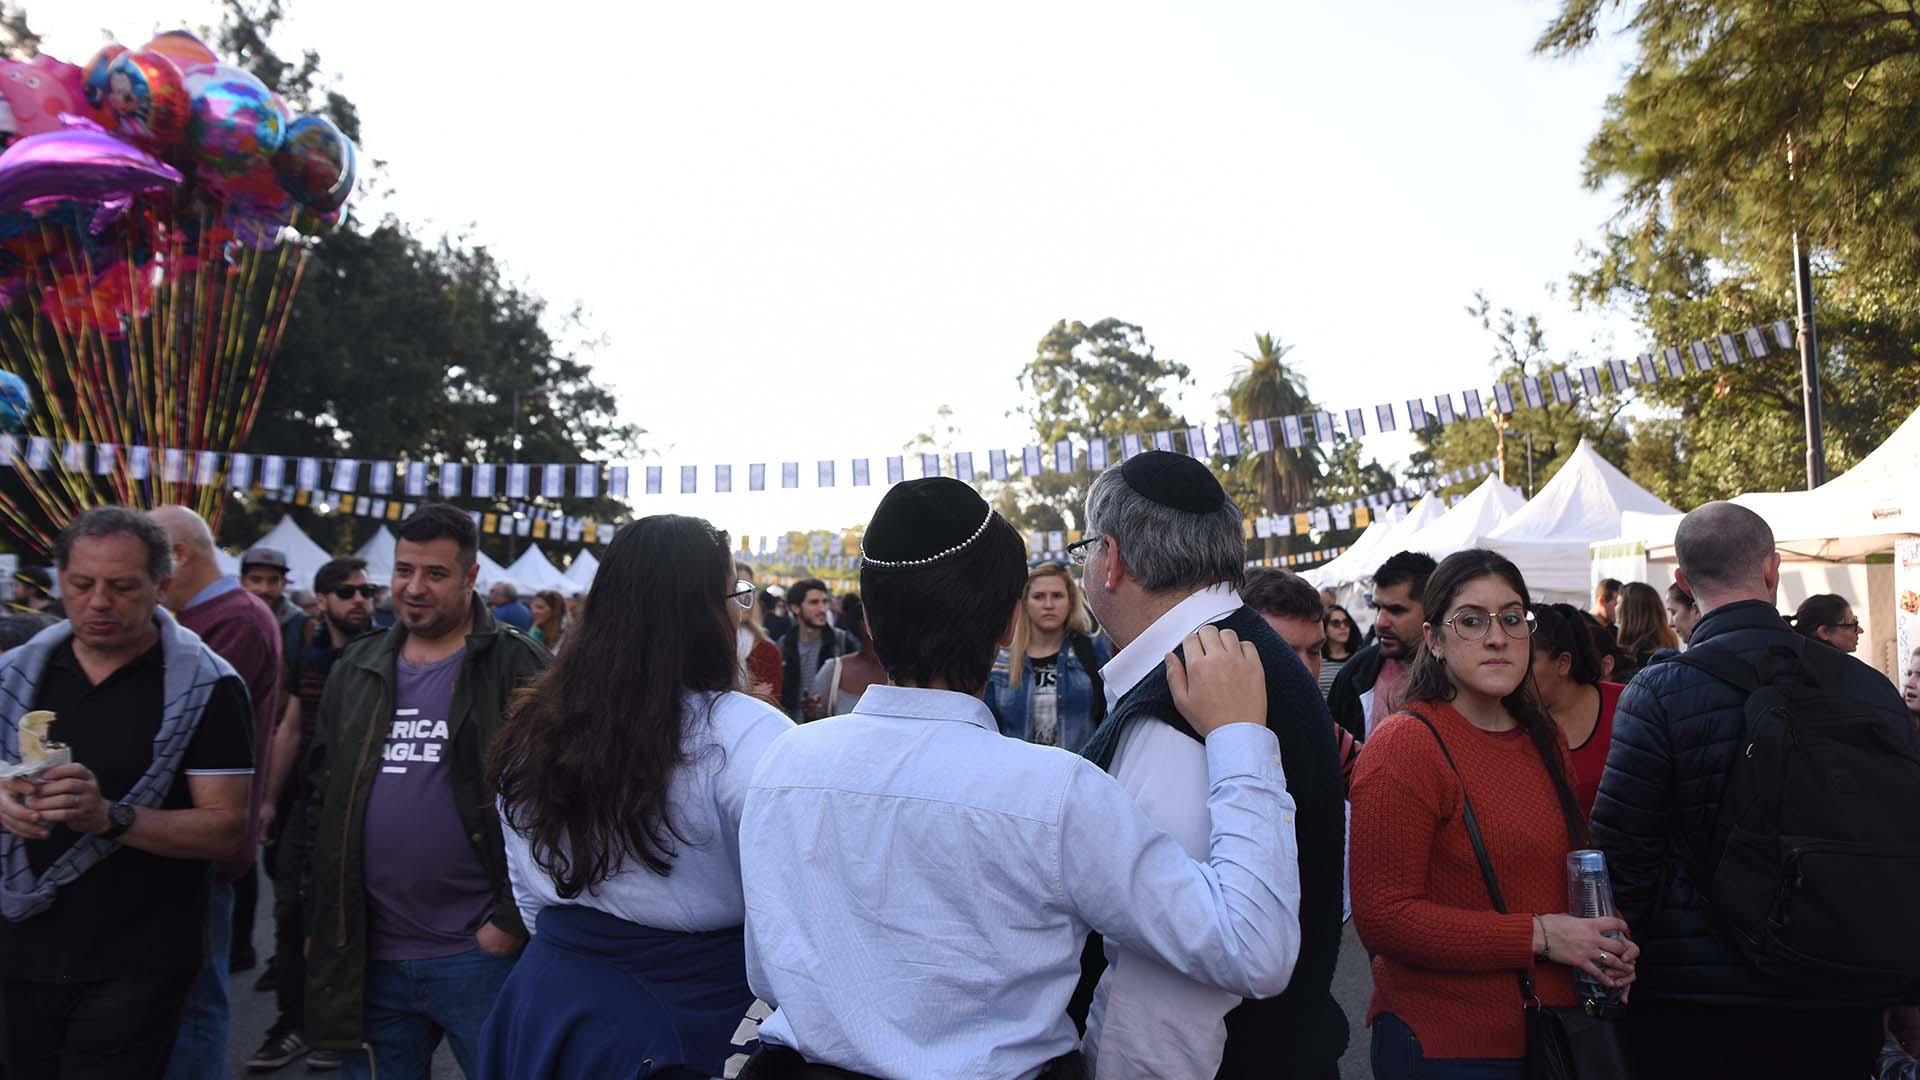 Una multitud aprovechó el domingo para participar de esta actividad cultural del gobierno porteño en homenaje a los 70 años de la creación del Estado de Israel